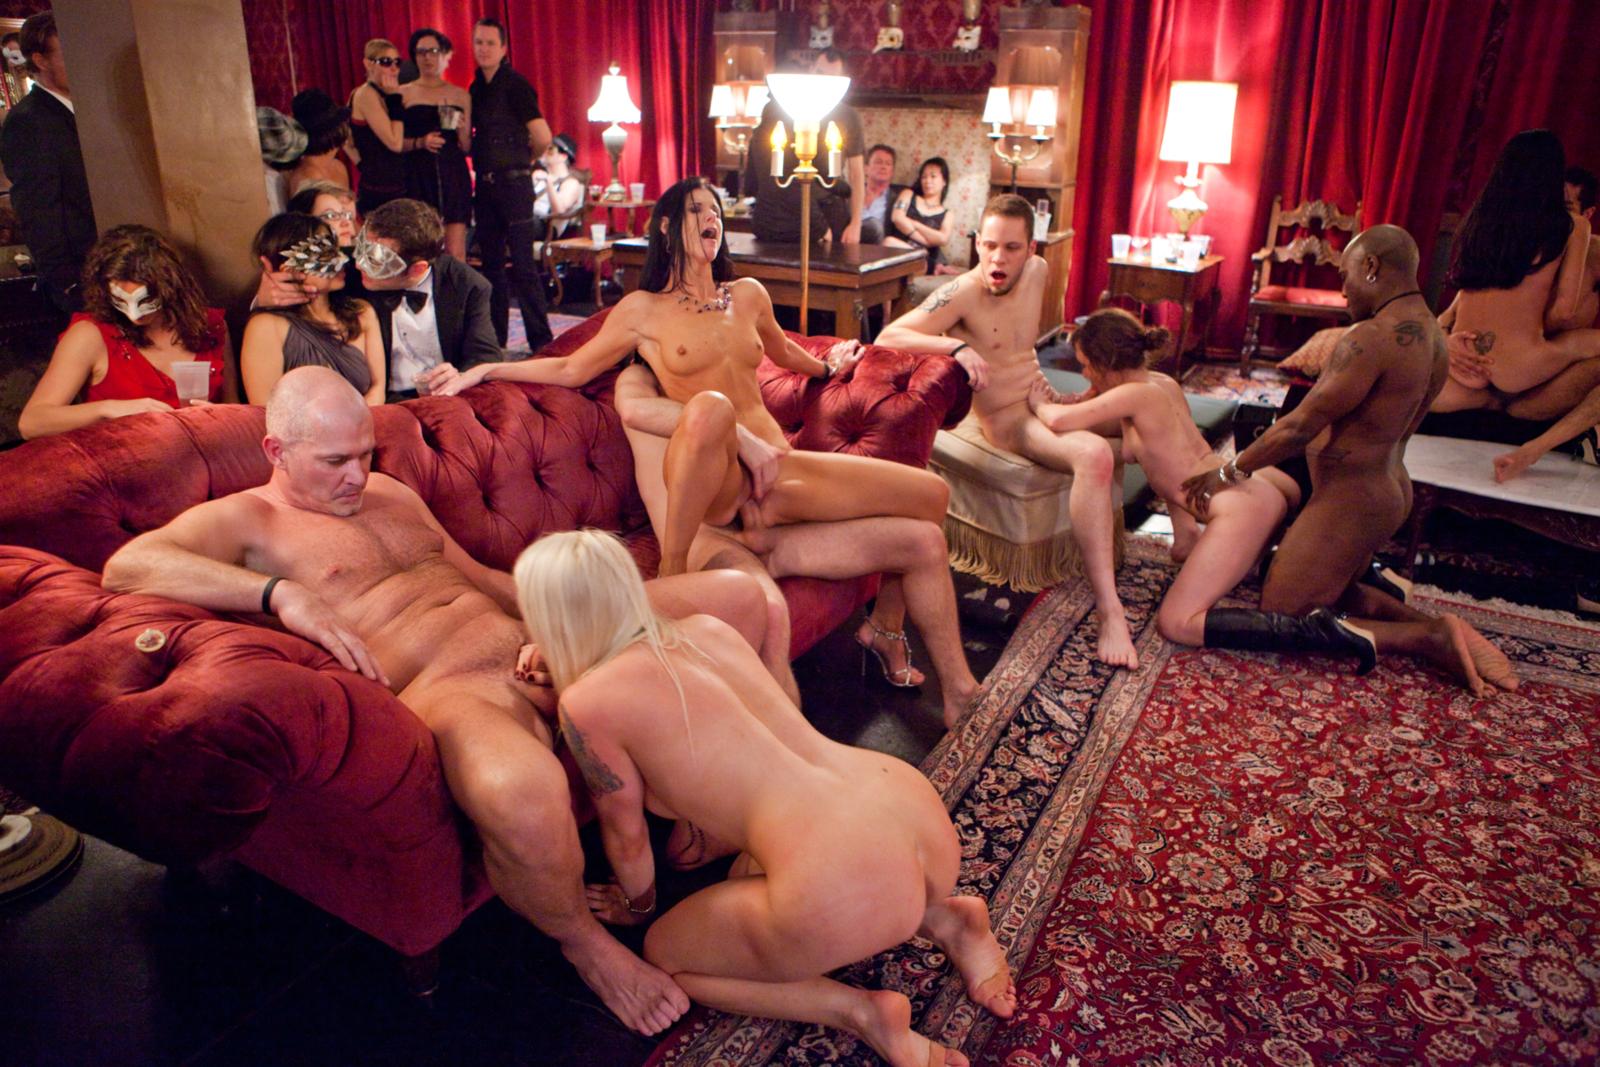 фильмы онлайн порно свингерские вечеринки испытала оргазма, это